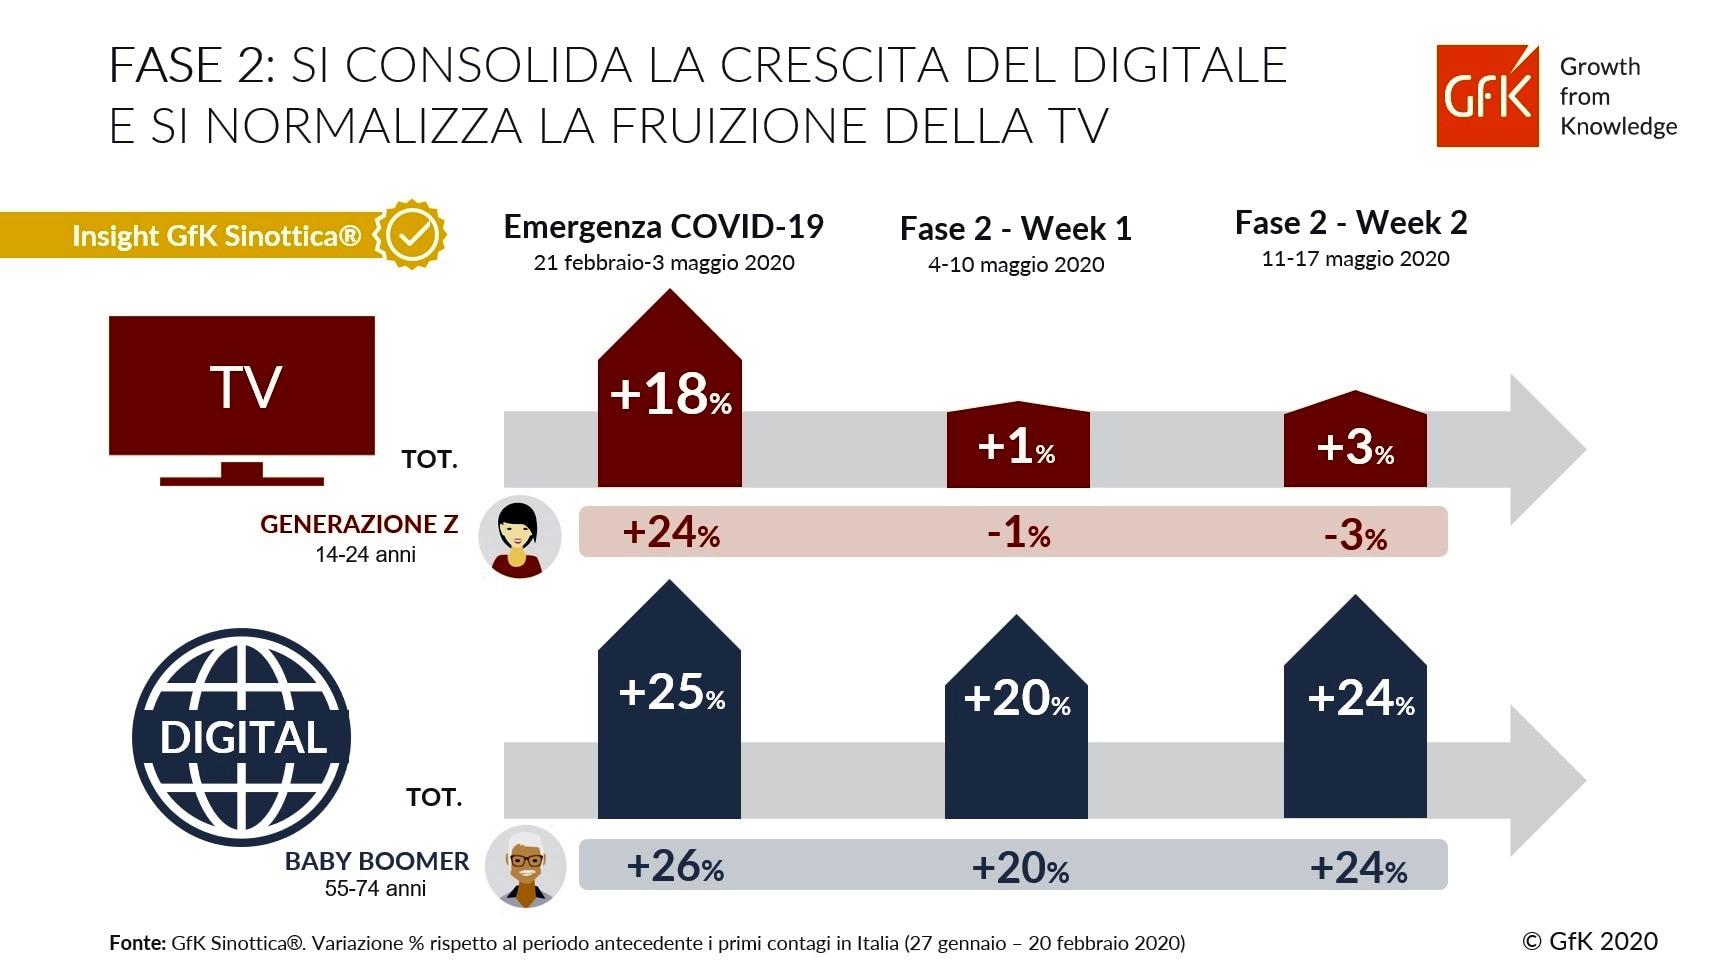 GfK_COVID-19-Fruizione-Media_FASE2_Infografica (1)-2